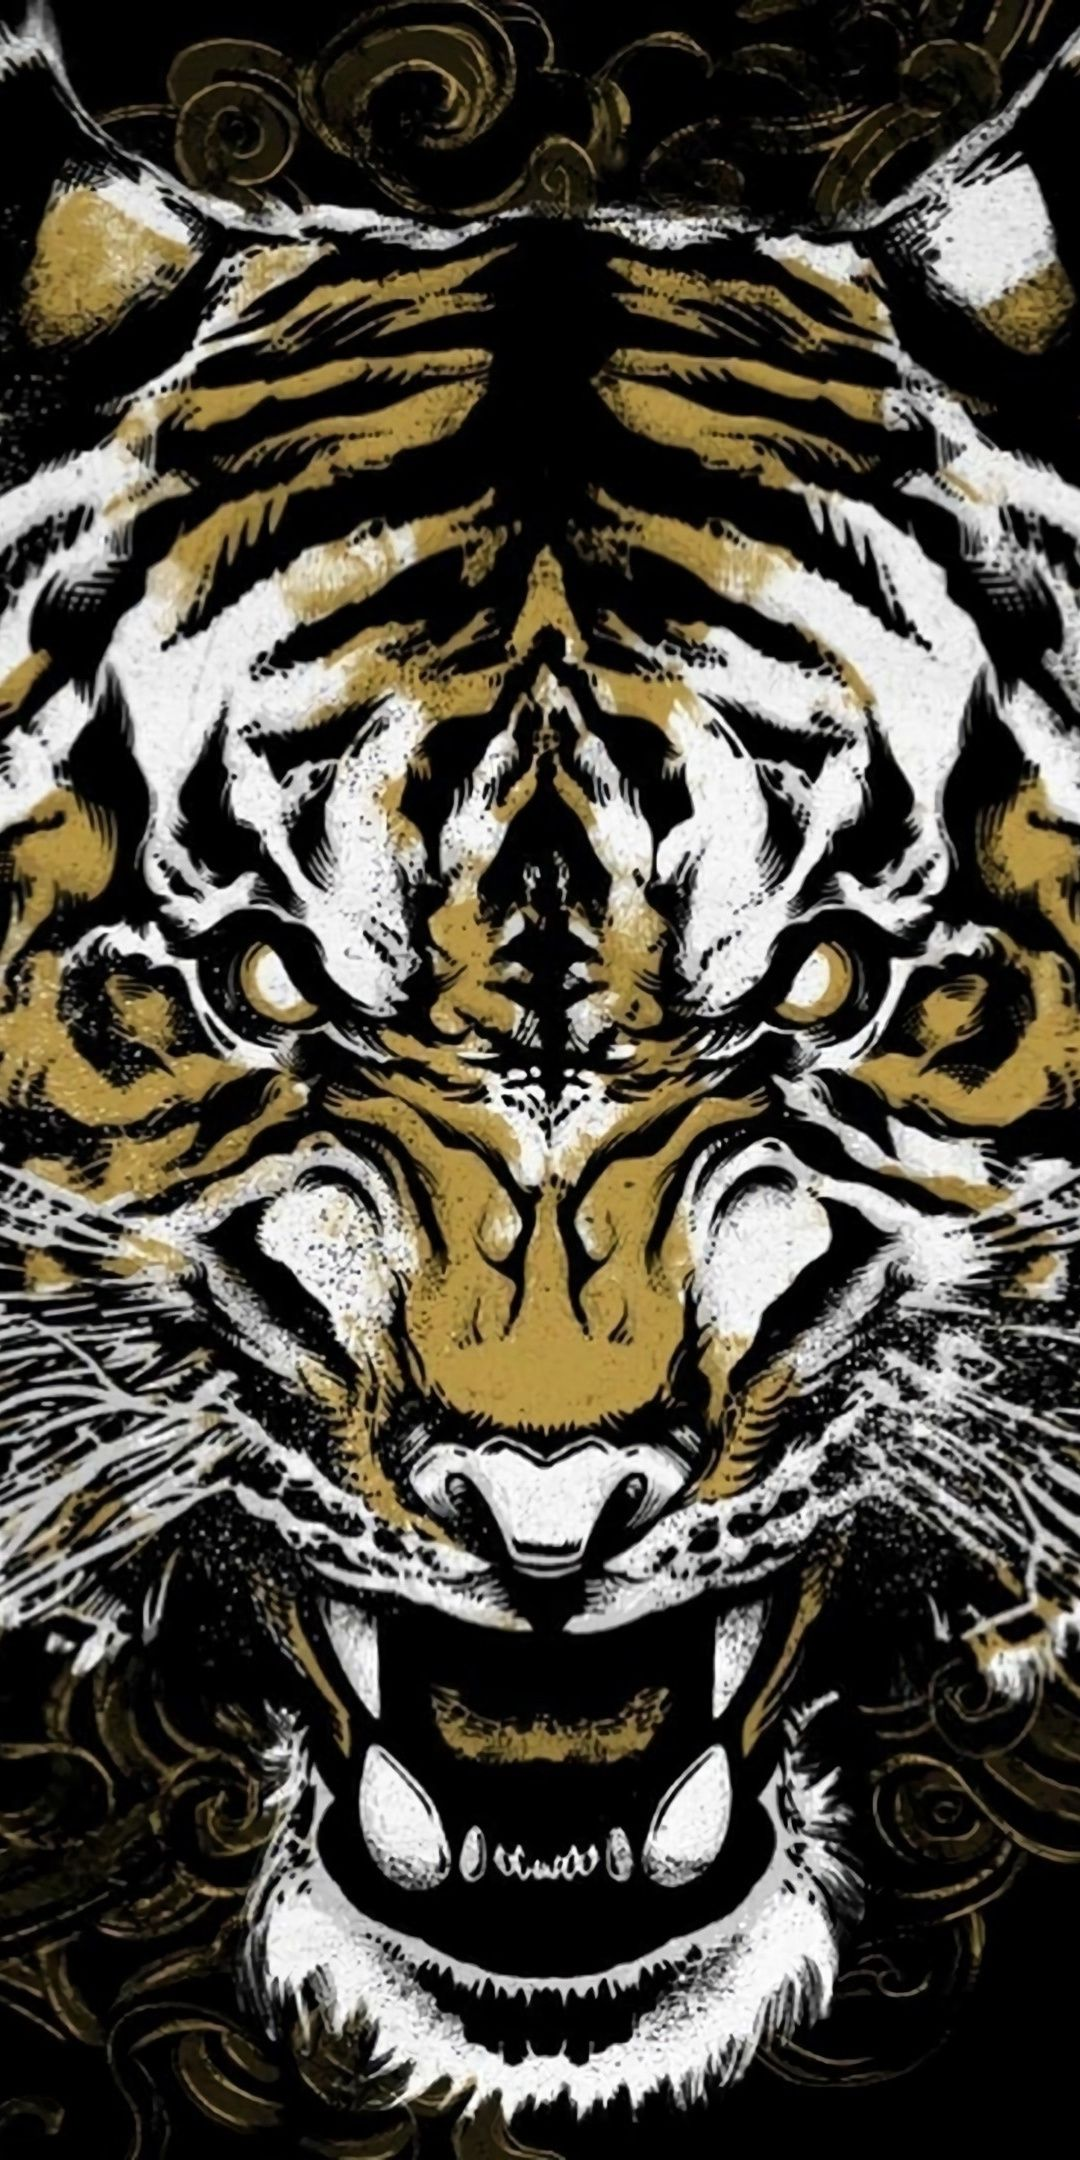 White Tiger 38 Wallpaper Hd Download Hd Wallpaper And Desktop Backgrounds Tiger Wallpaper White Tiger Tiger Head Tattoo